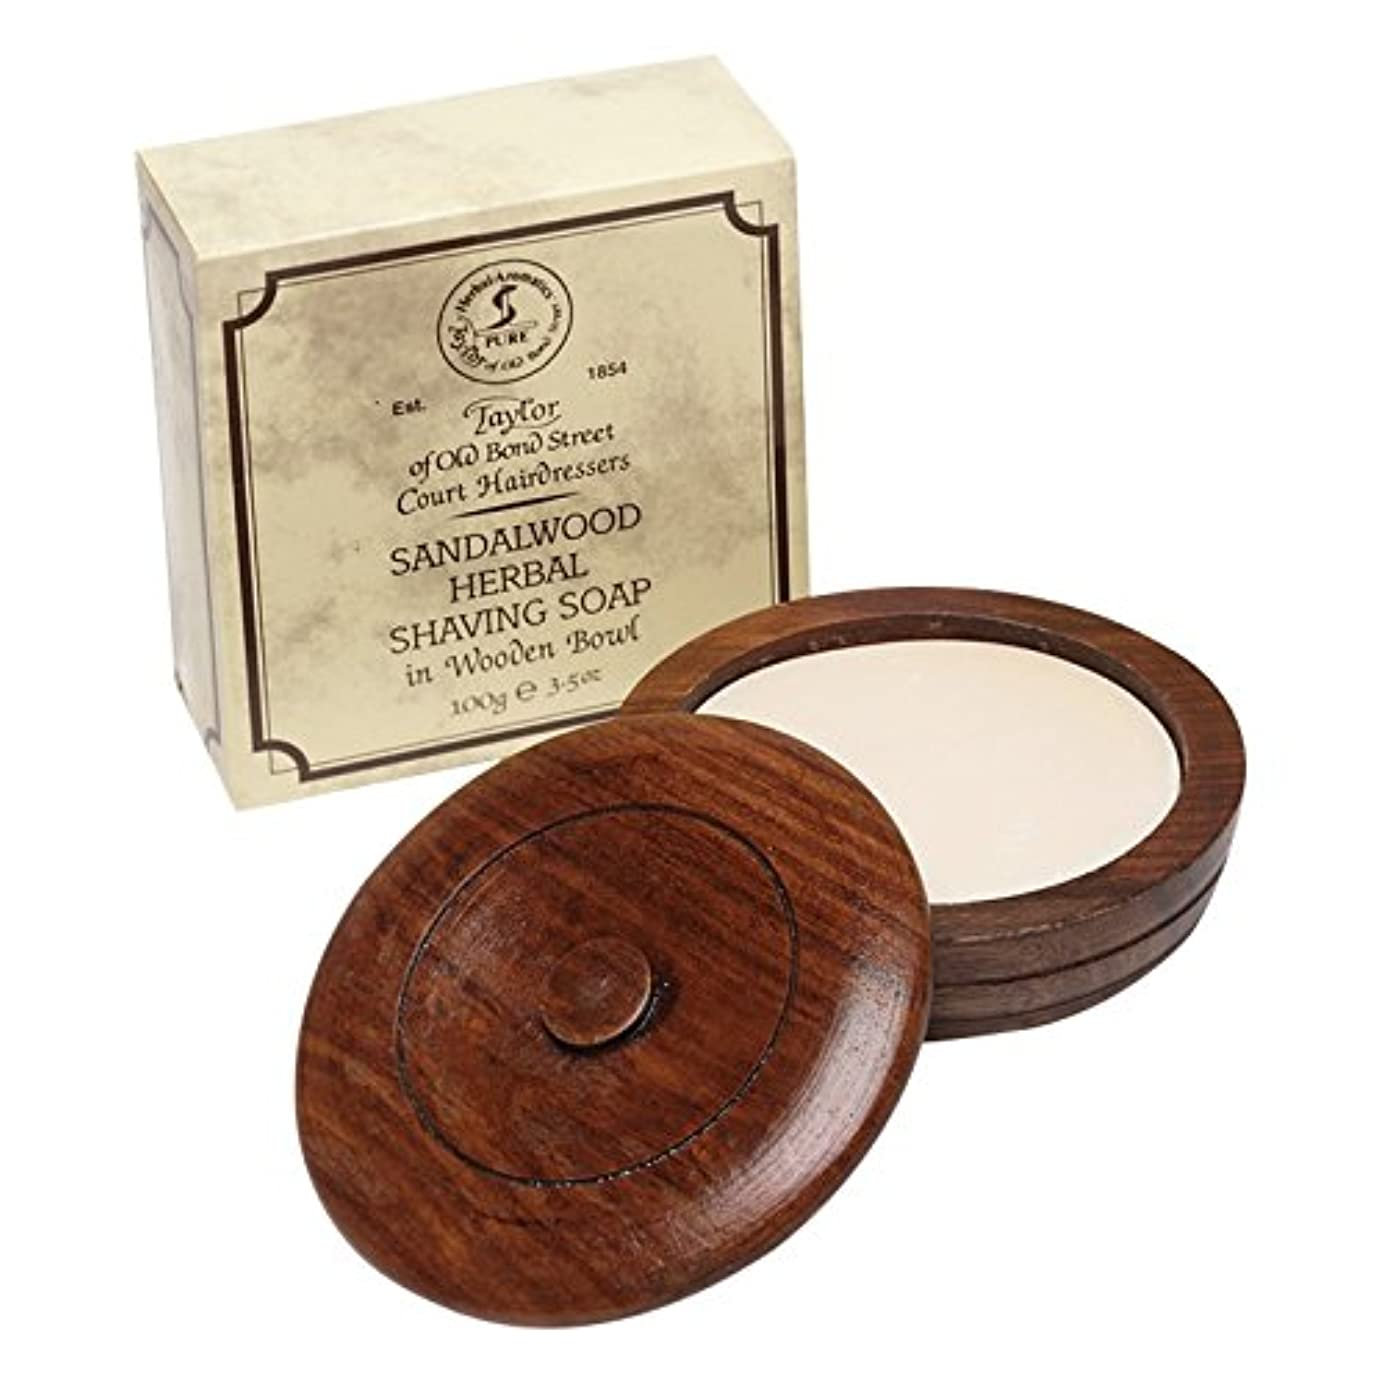 祝う告白可塑性木製のボウル100グラム古いボンド?ストリート白檀シェービングソープのテイラー (Taylor of Old Bond Street) (x2) - Taylor of Old Bond Street Sandalwood Shaving Soap with Wooden Bowl 100g (Pack of 2) [並行輸入品]